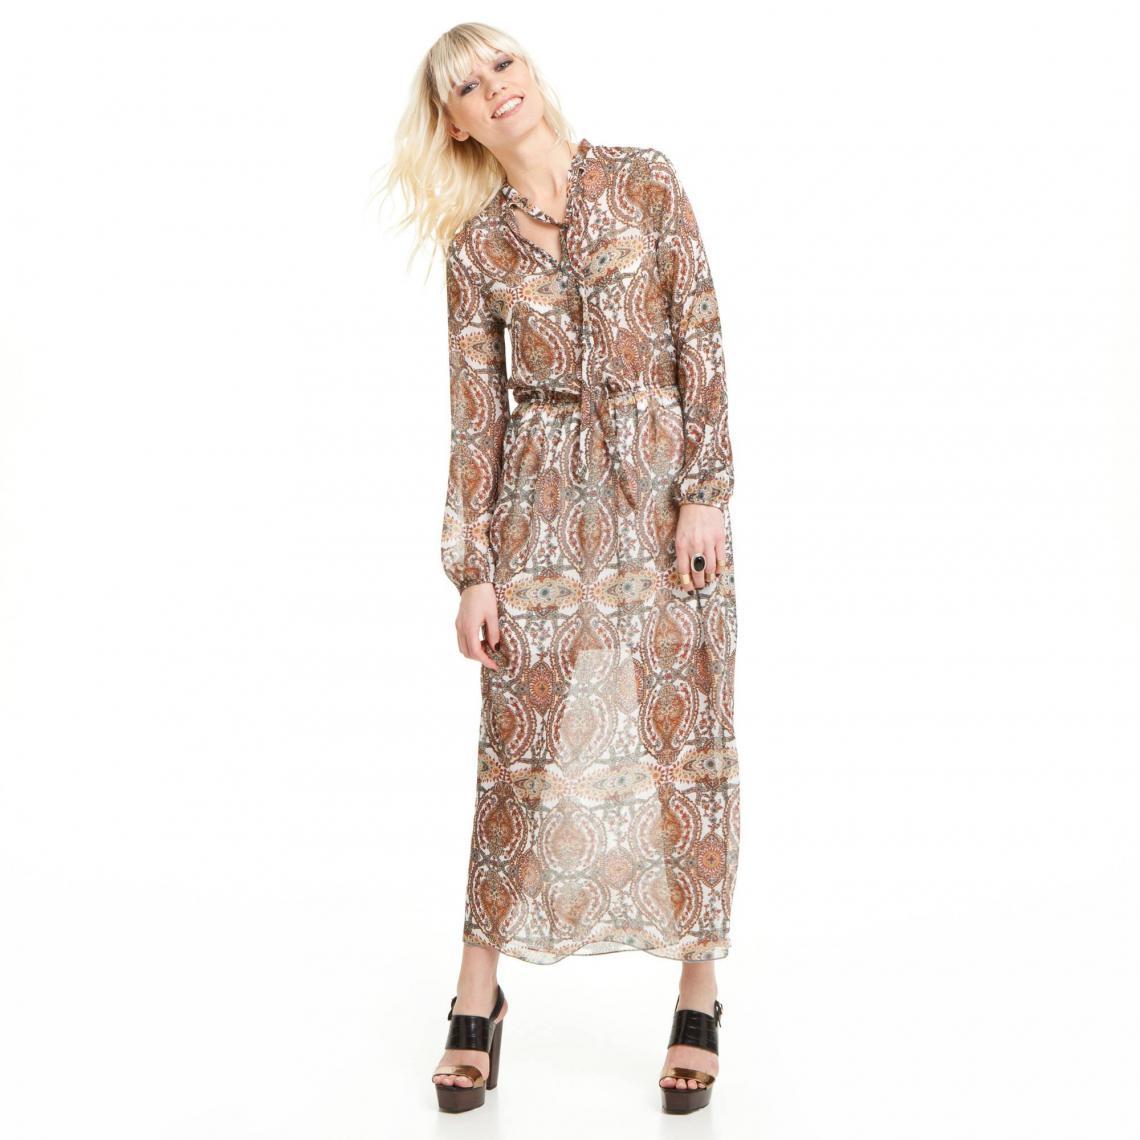 Robe longue manches longues fluide imprimée cachemire femme - Imprimé 3  Suisses Collection Femme e01ca7a0206b